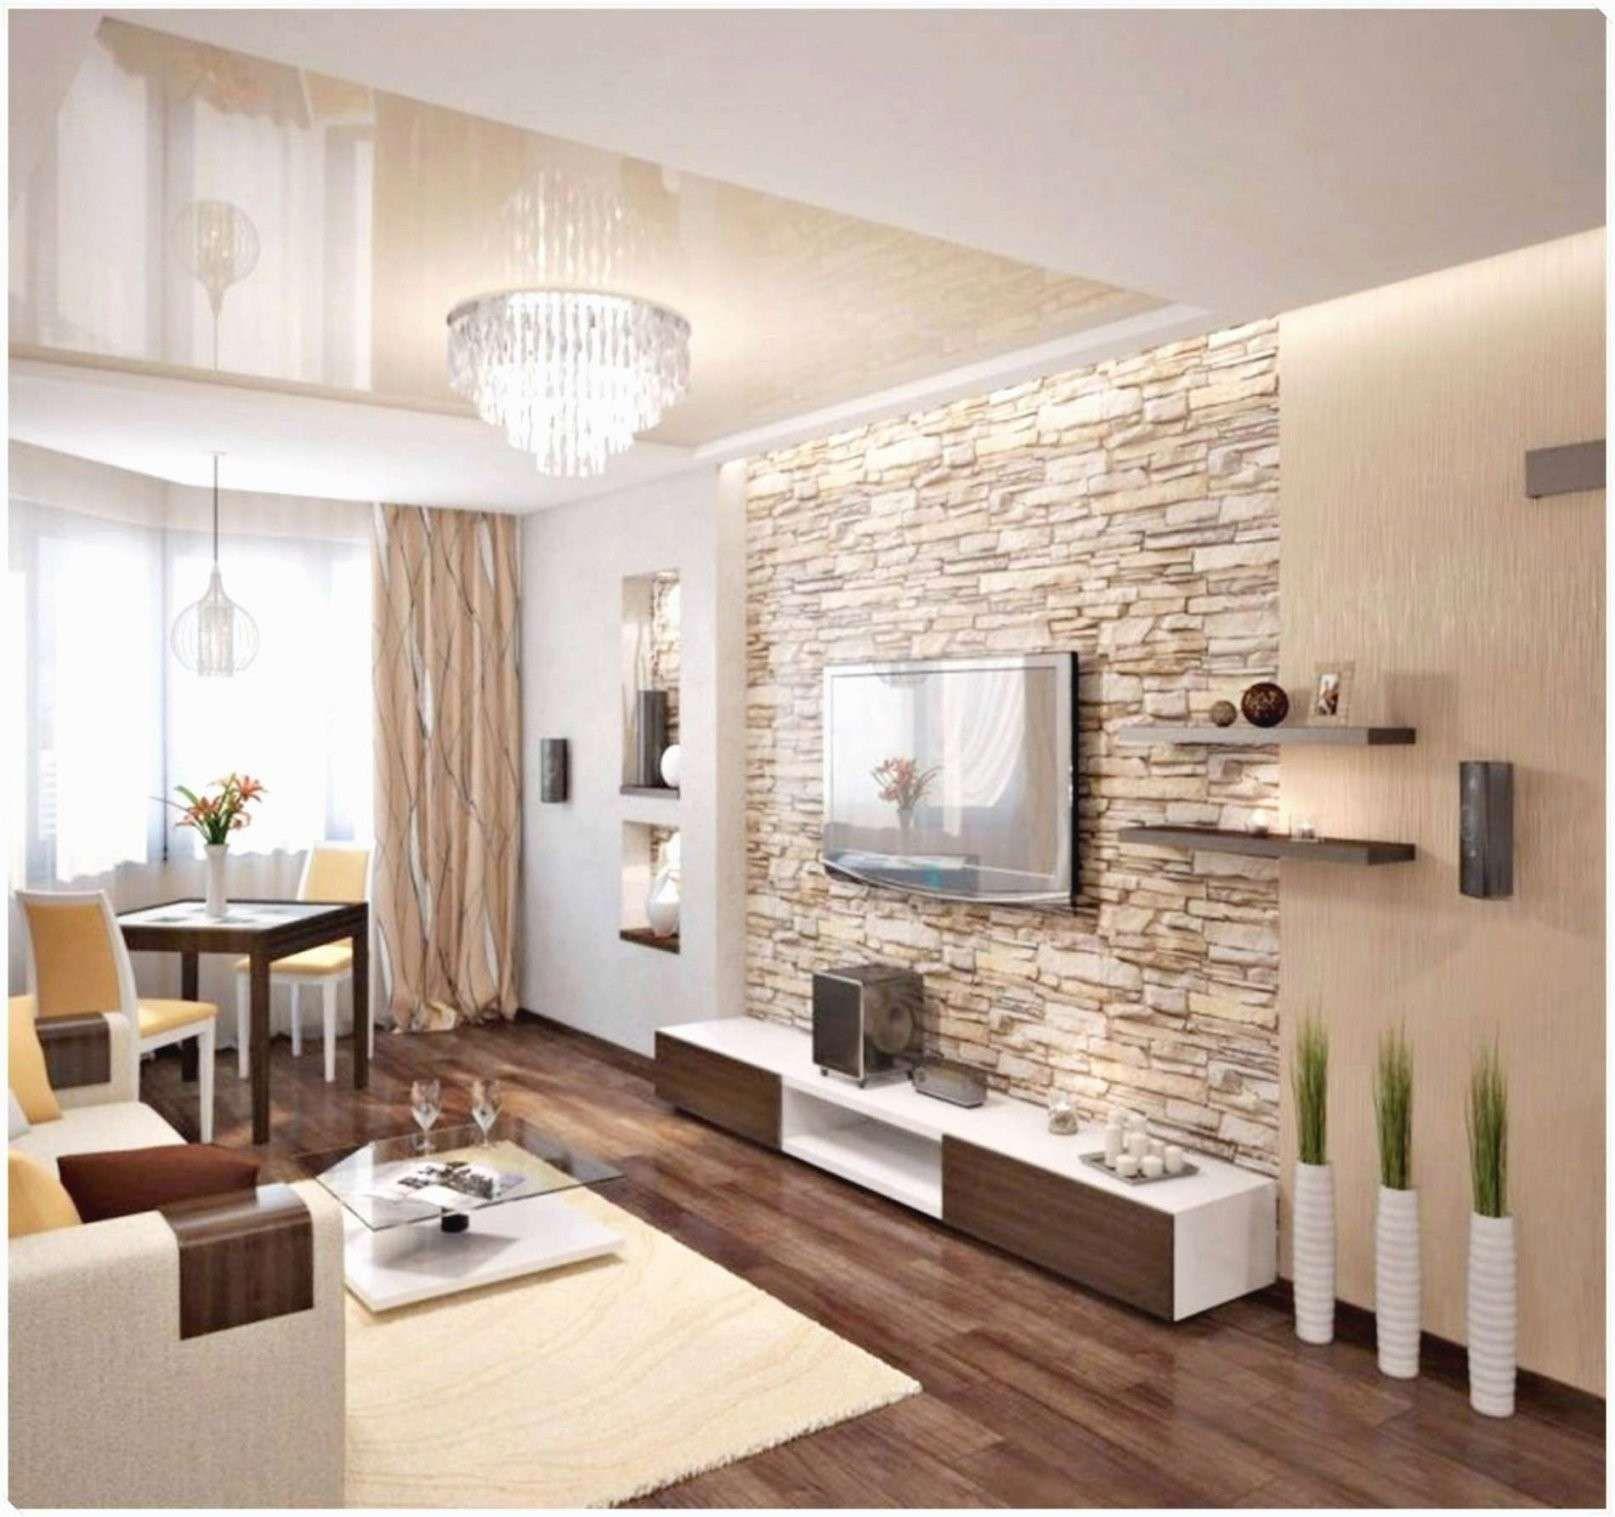 Wohnzimmer Einrichten Modern Schön Wohnzimmer Gestalten: 9 Frisch